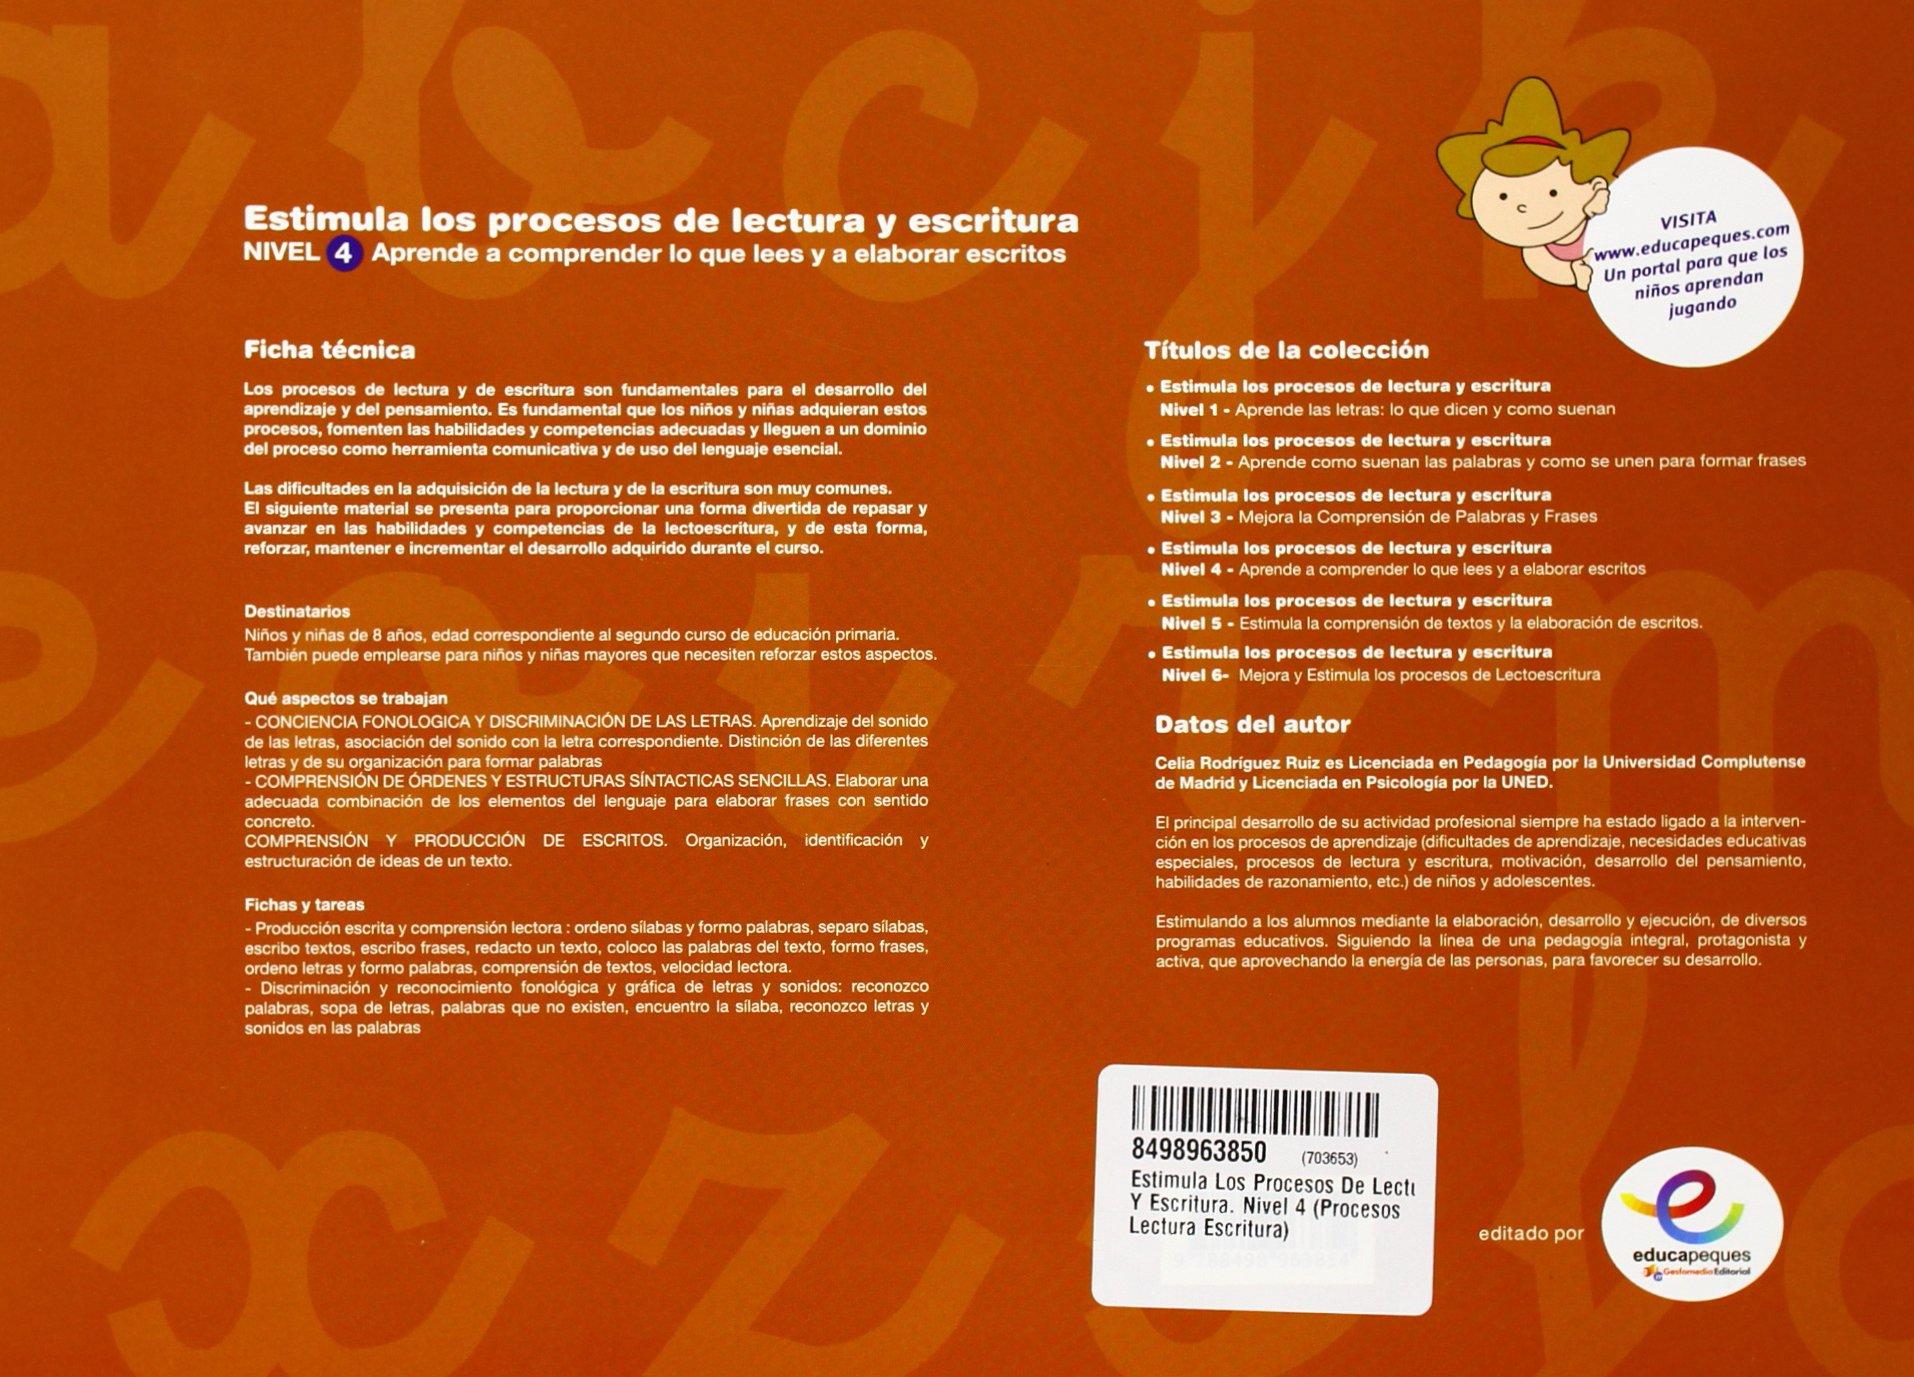 Estimula Los Procesos De Lectura Y Escritura Nivel 4